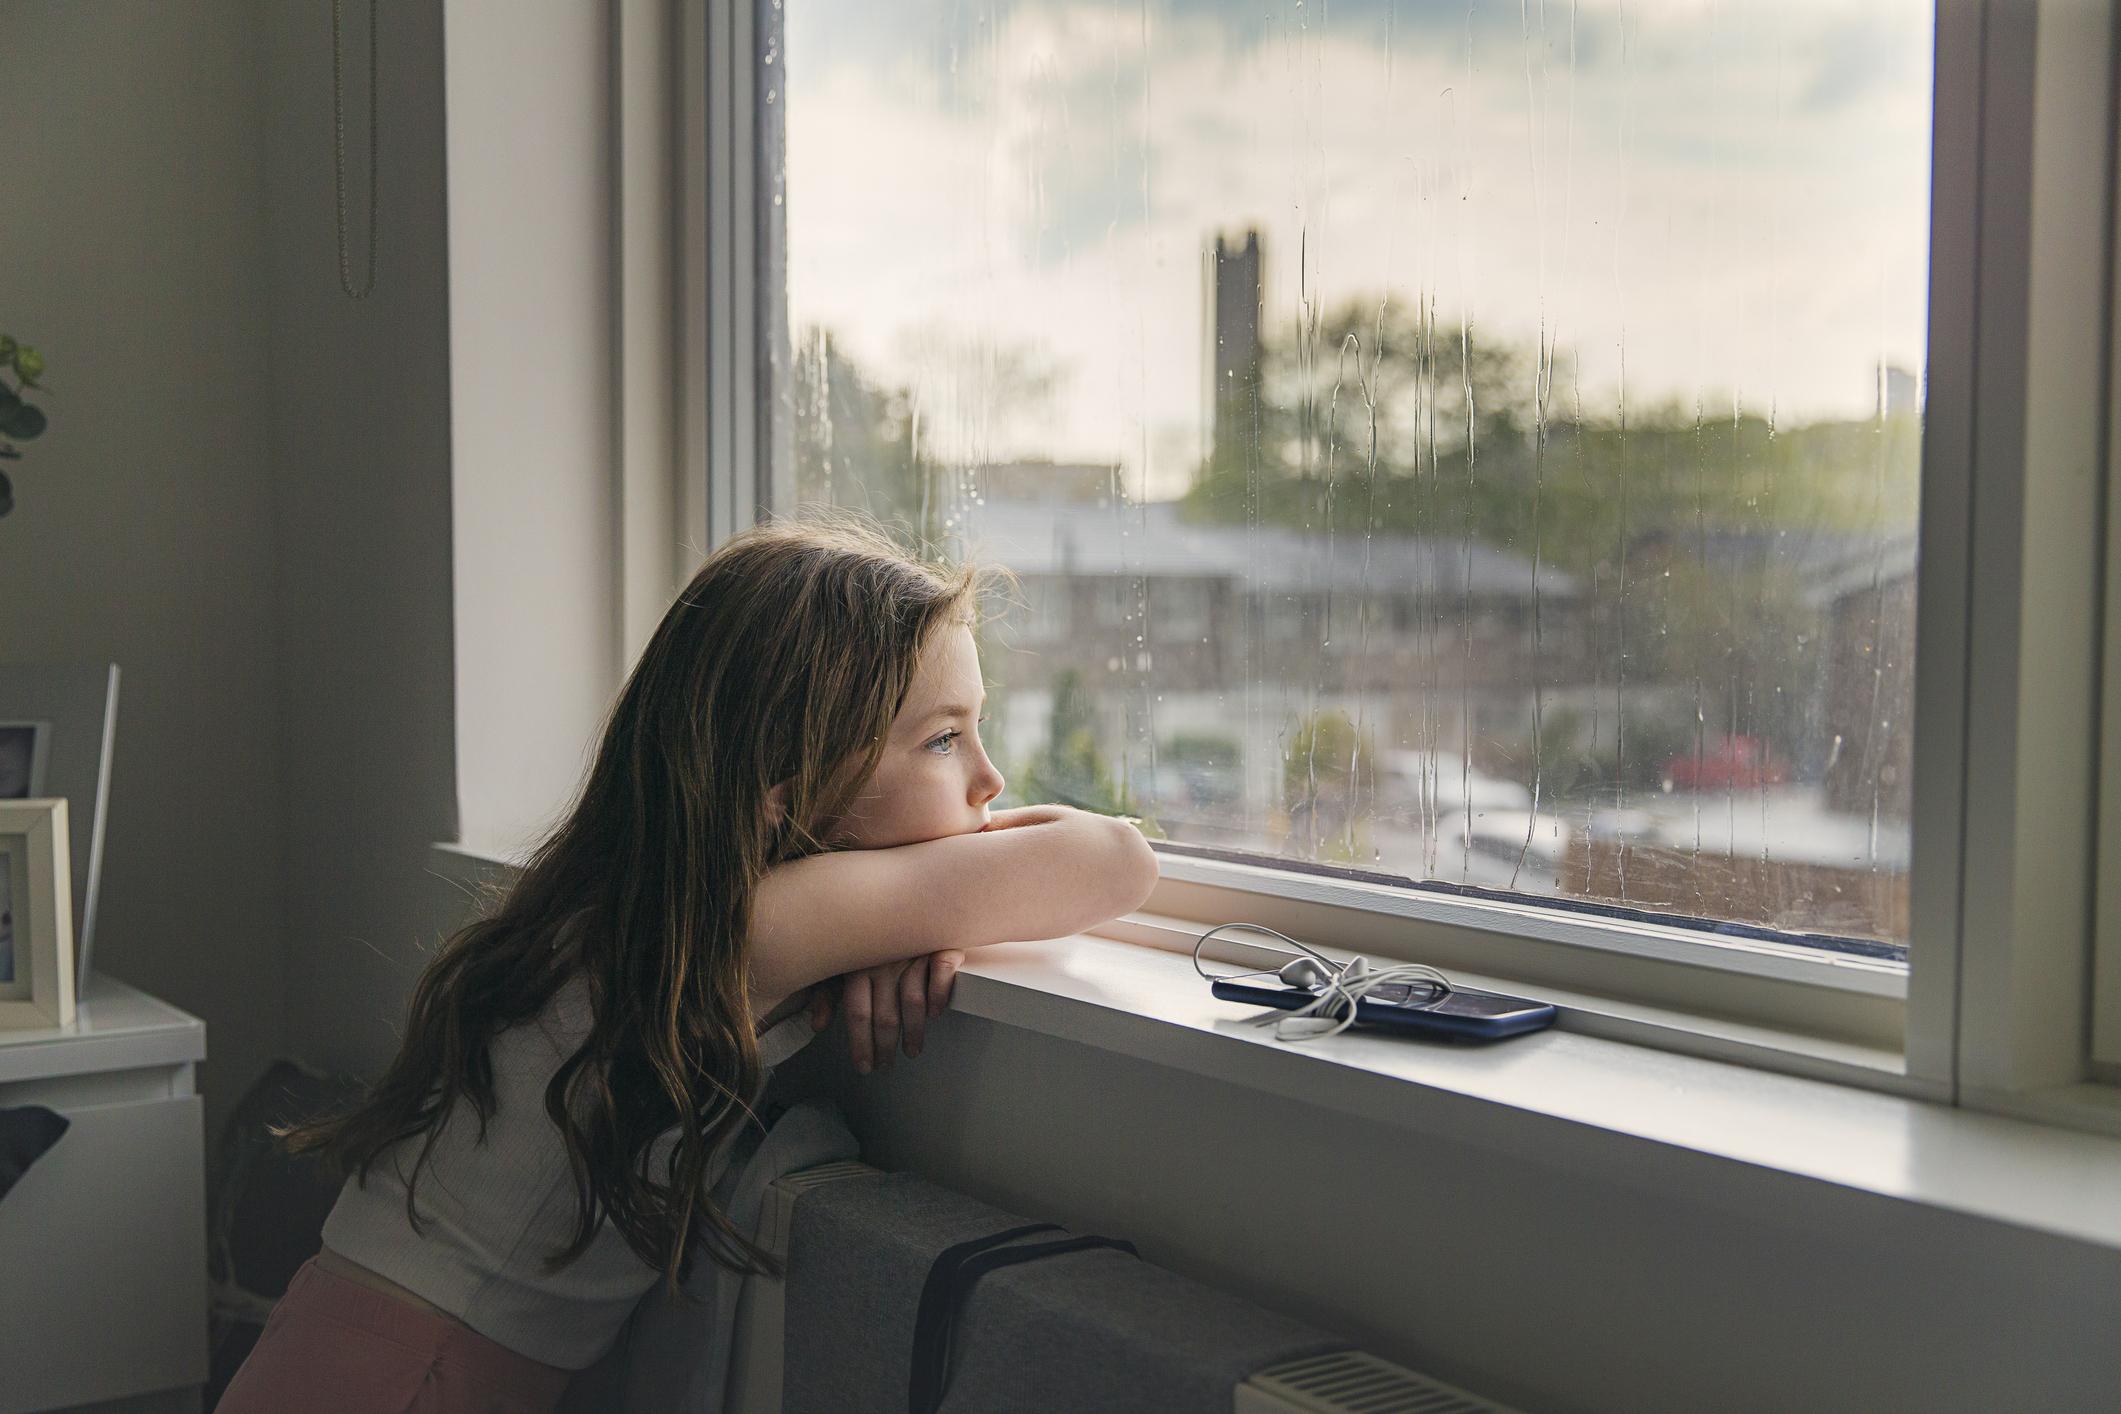 dziewczynka wyglądająca przez okno